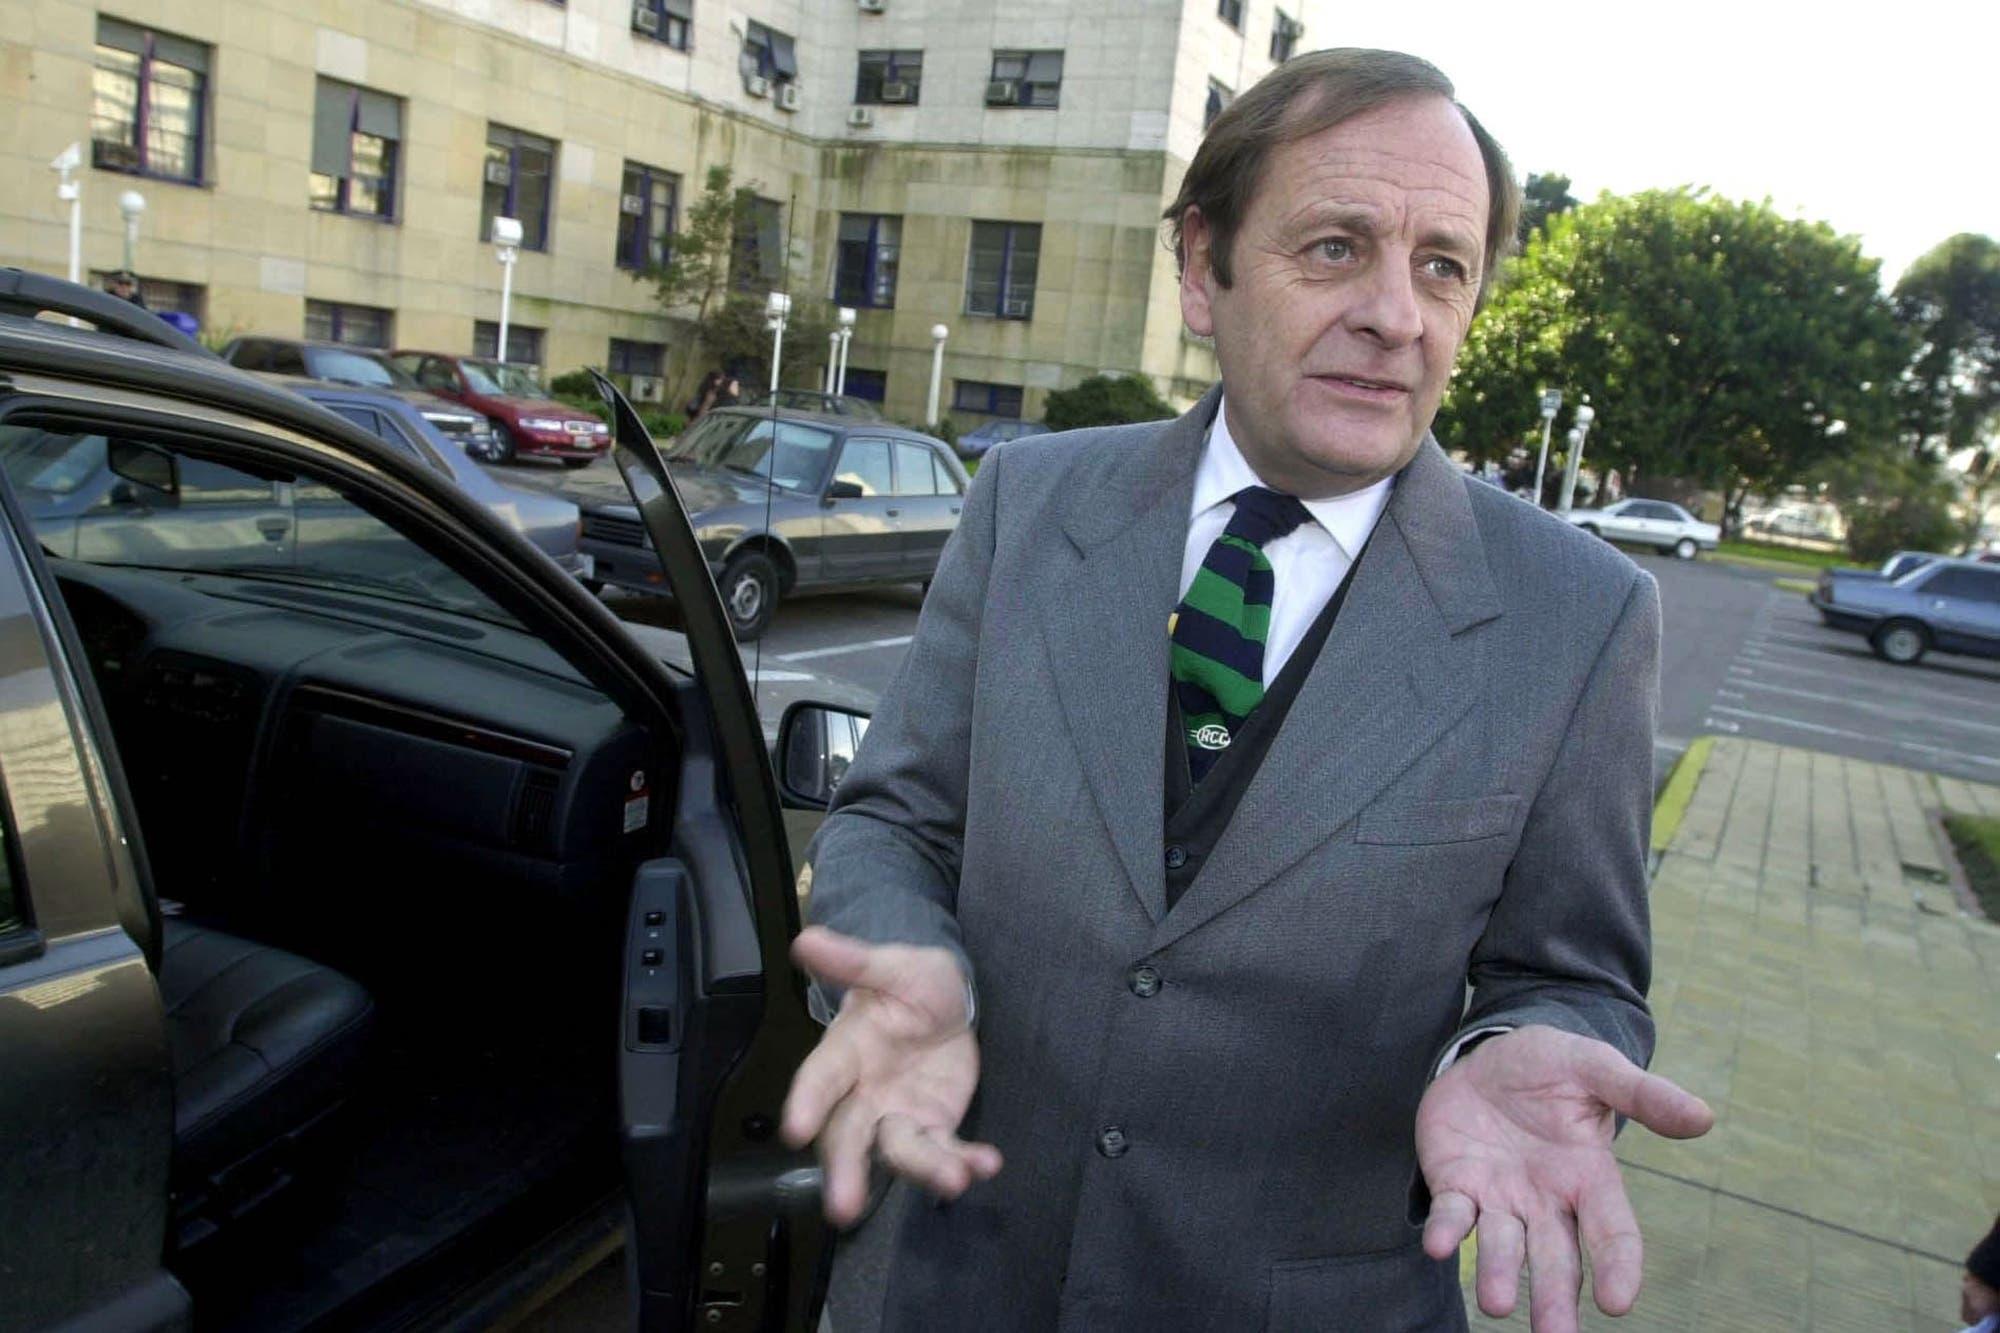 El oficialismo pide desestimar las denuncias contra el juez Canicoba Corral en el Consejo de la Magistratura